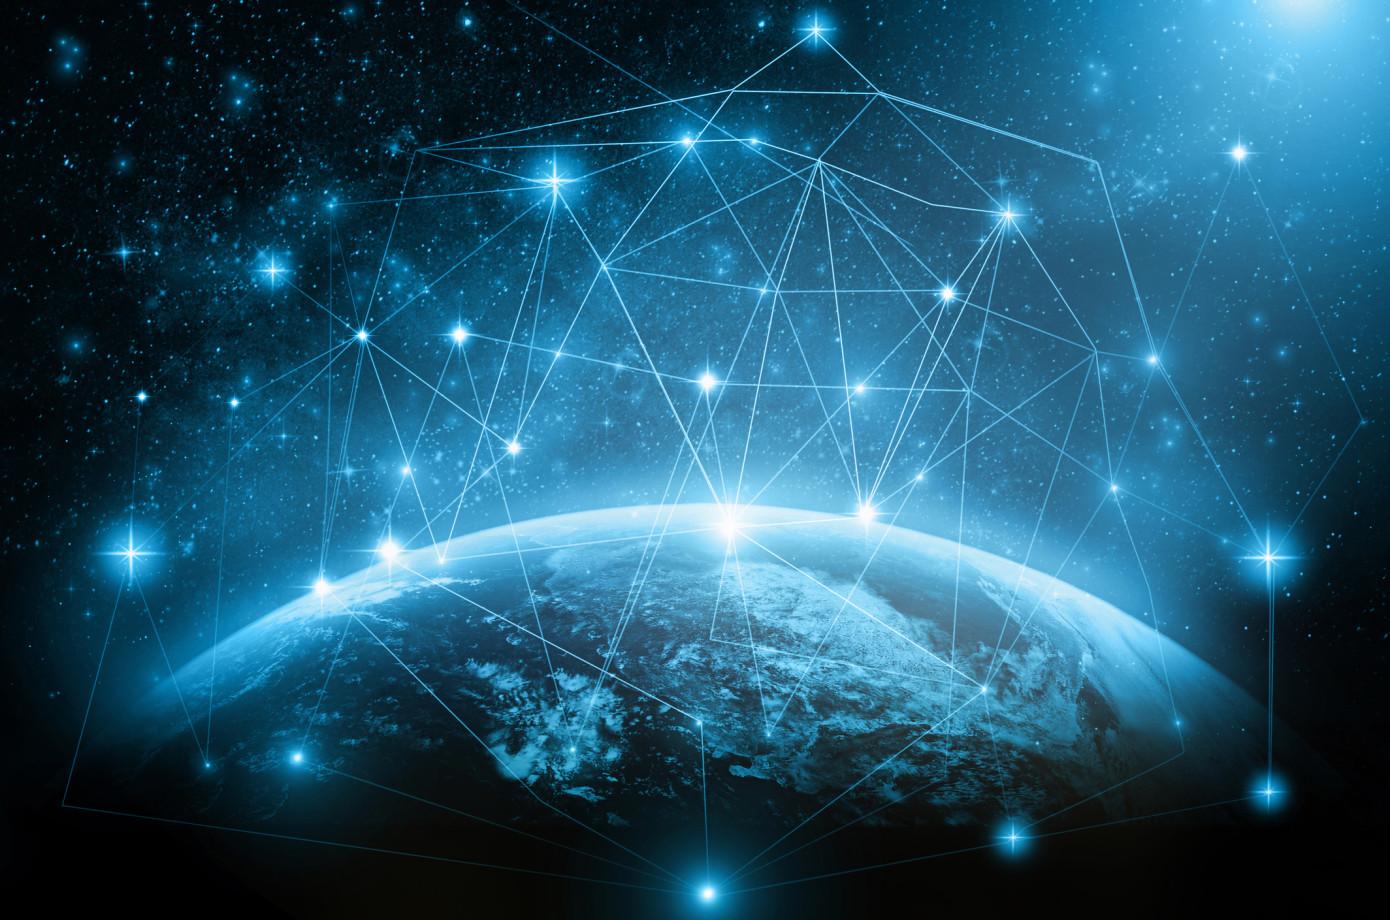 SpaceX将发射首批Starlink卫星60颗,开启卫星互联网建设